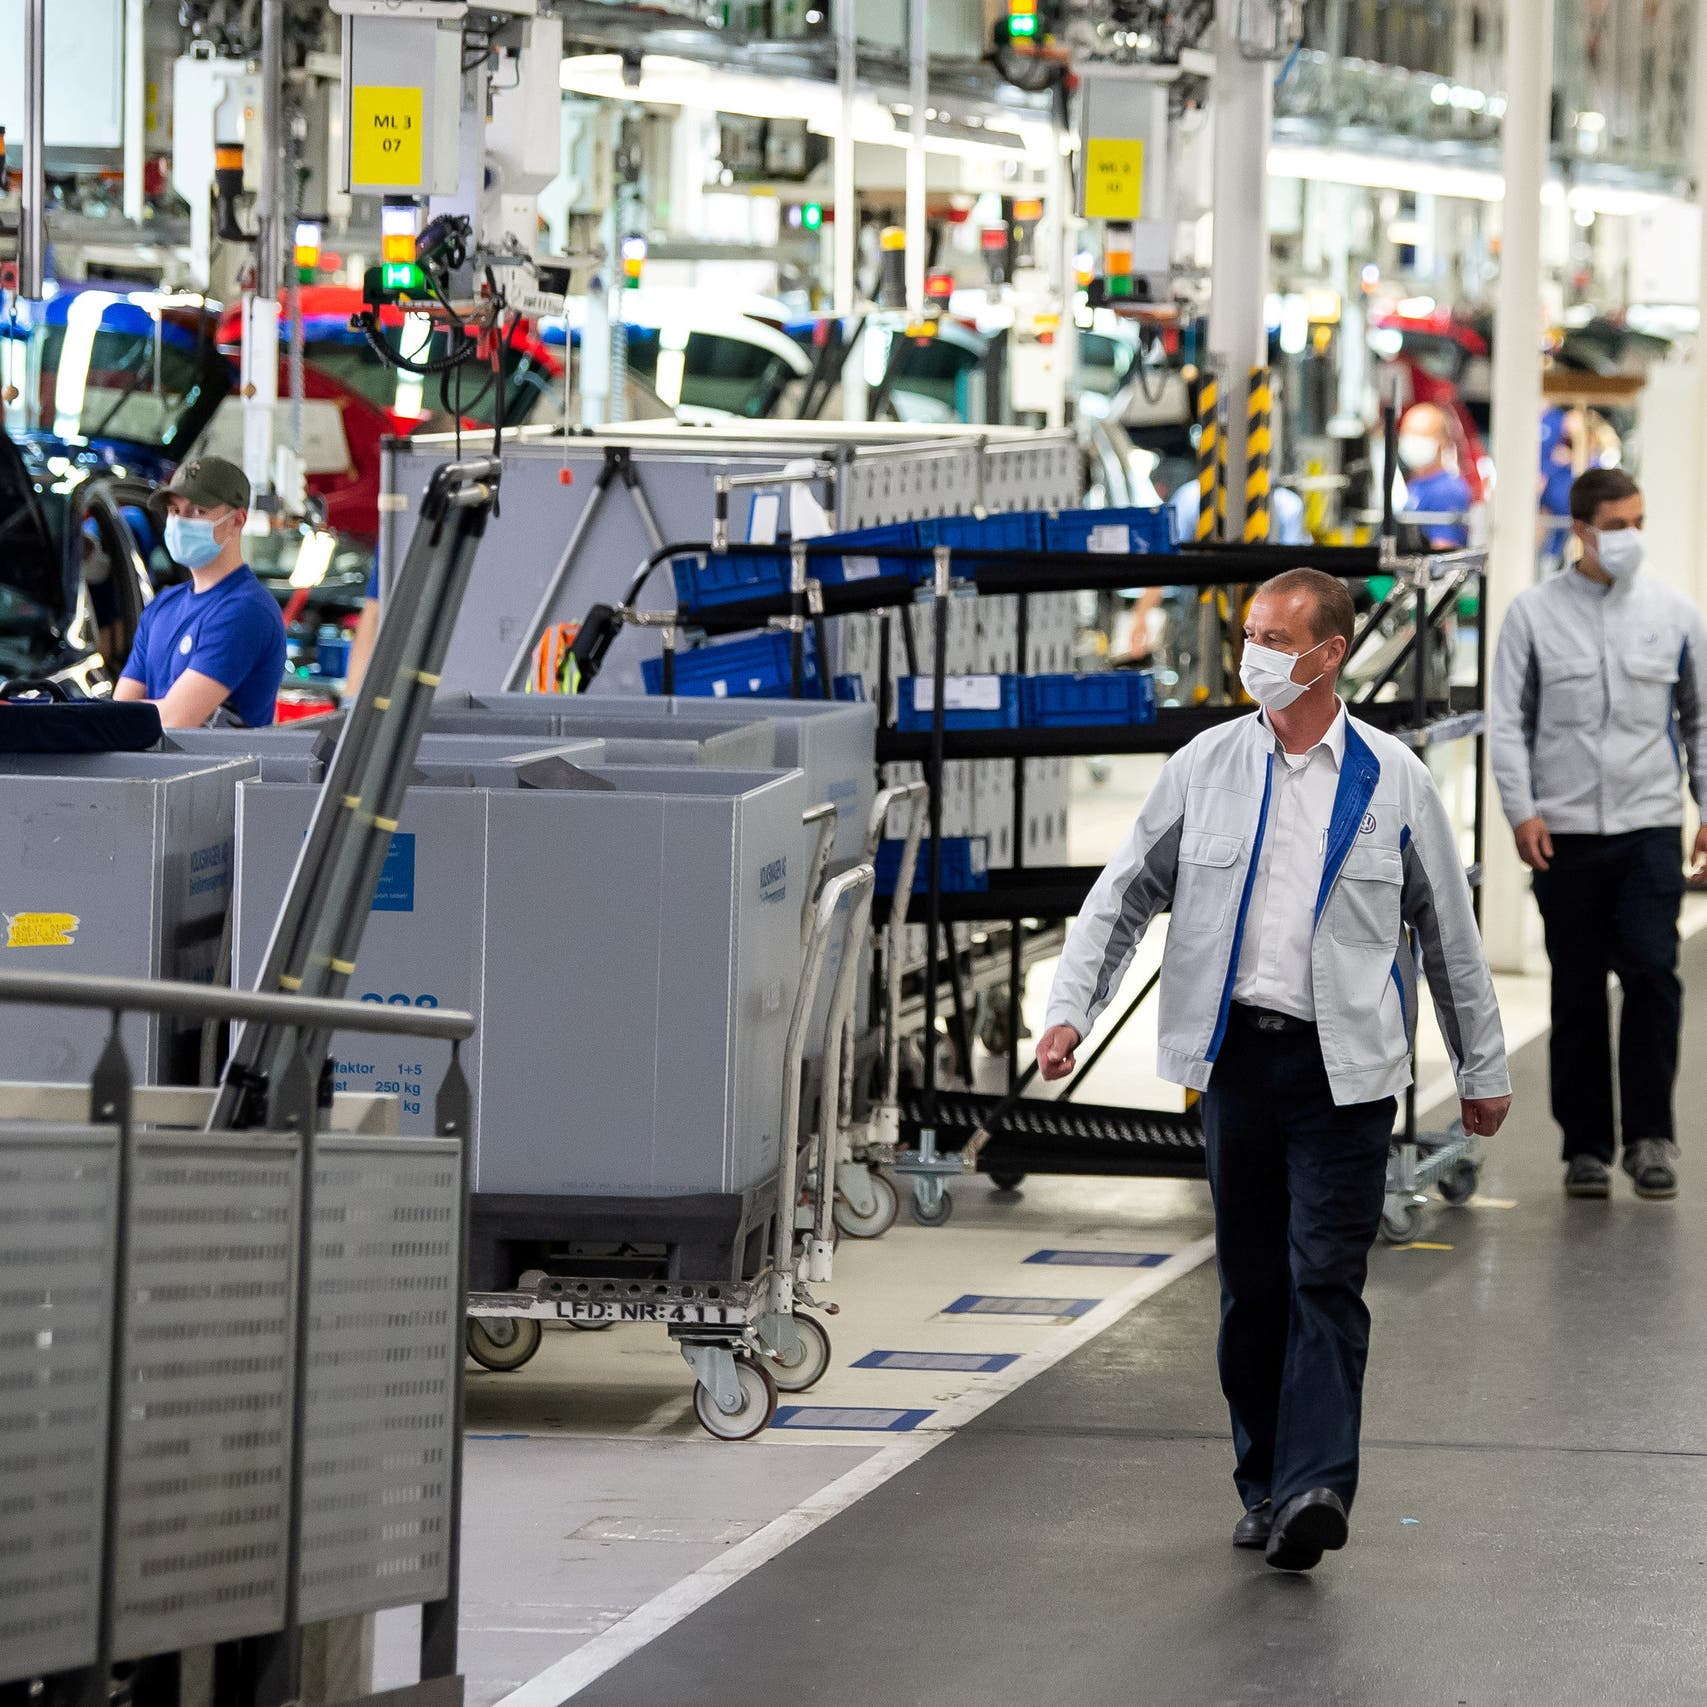 الجائحة تعصف بأكبر اقتصاد في أوروبا.. عجز ألماني الأعلى في 30 عاماً